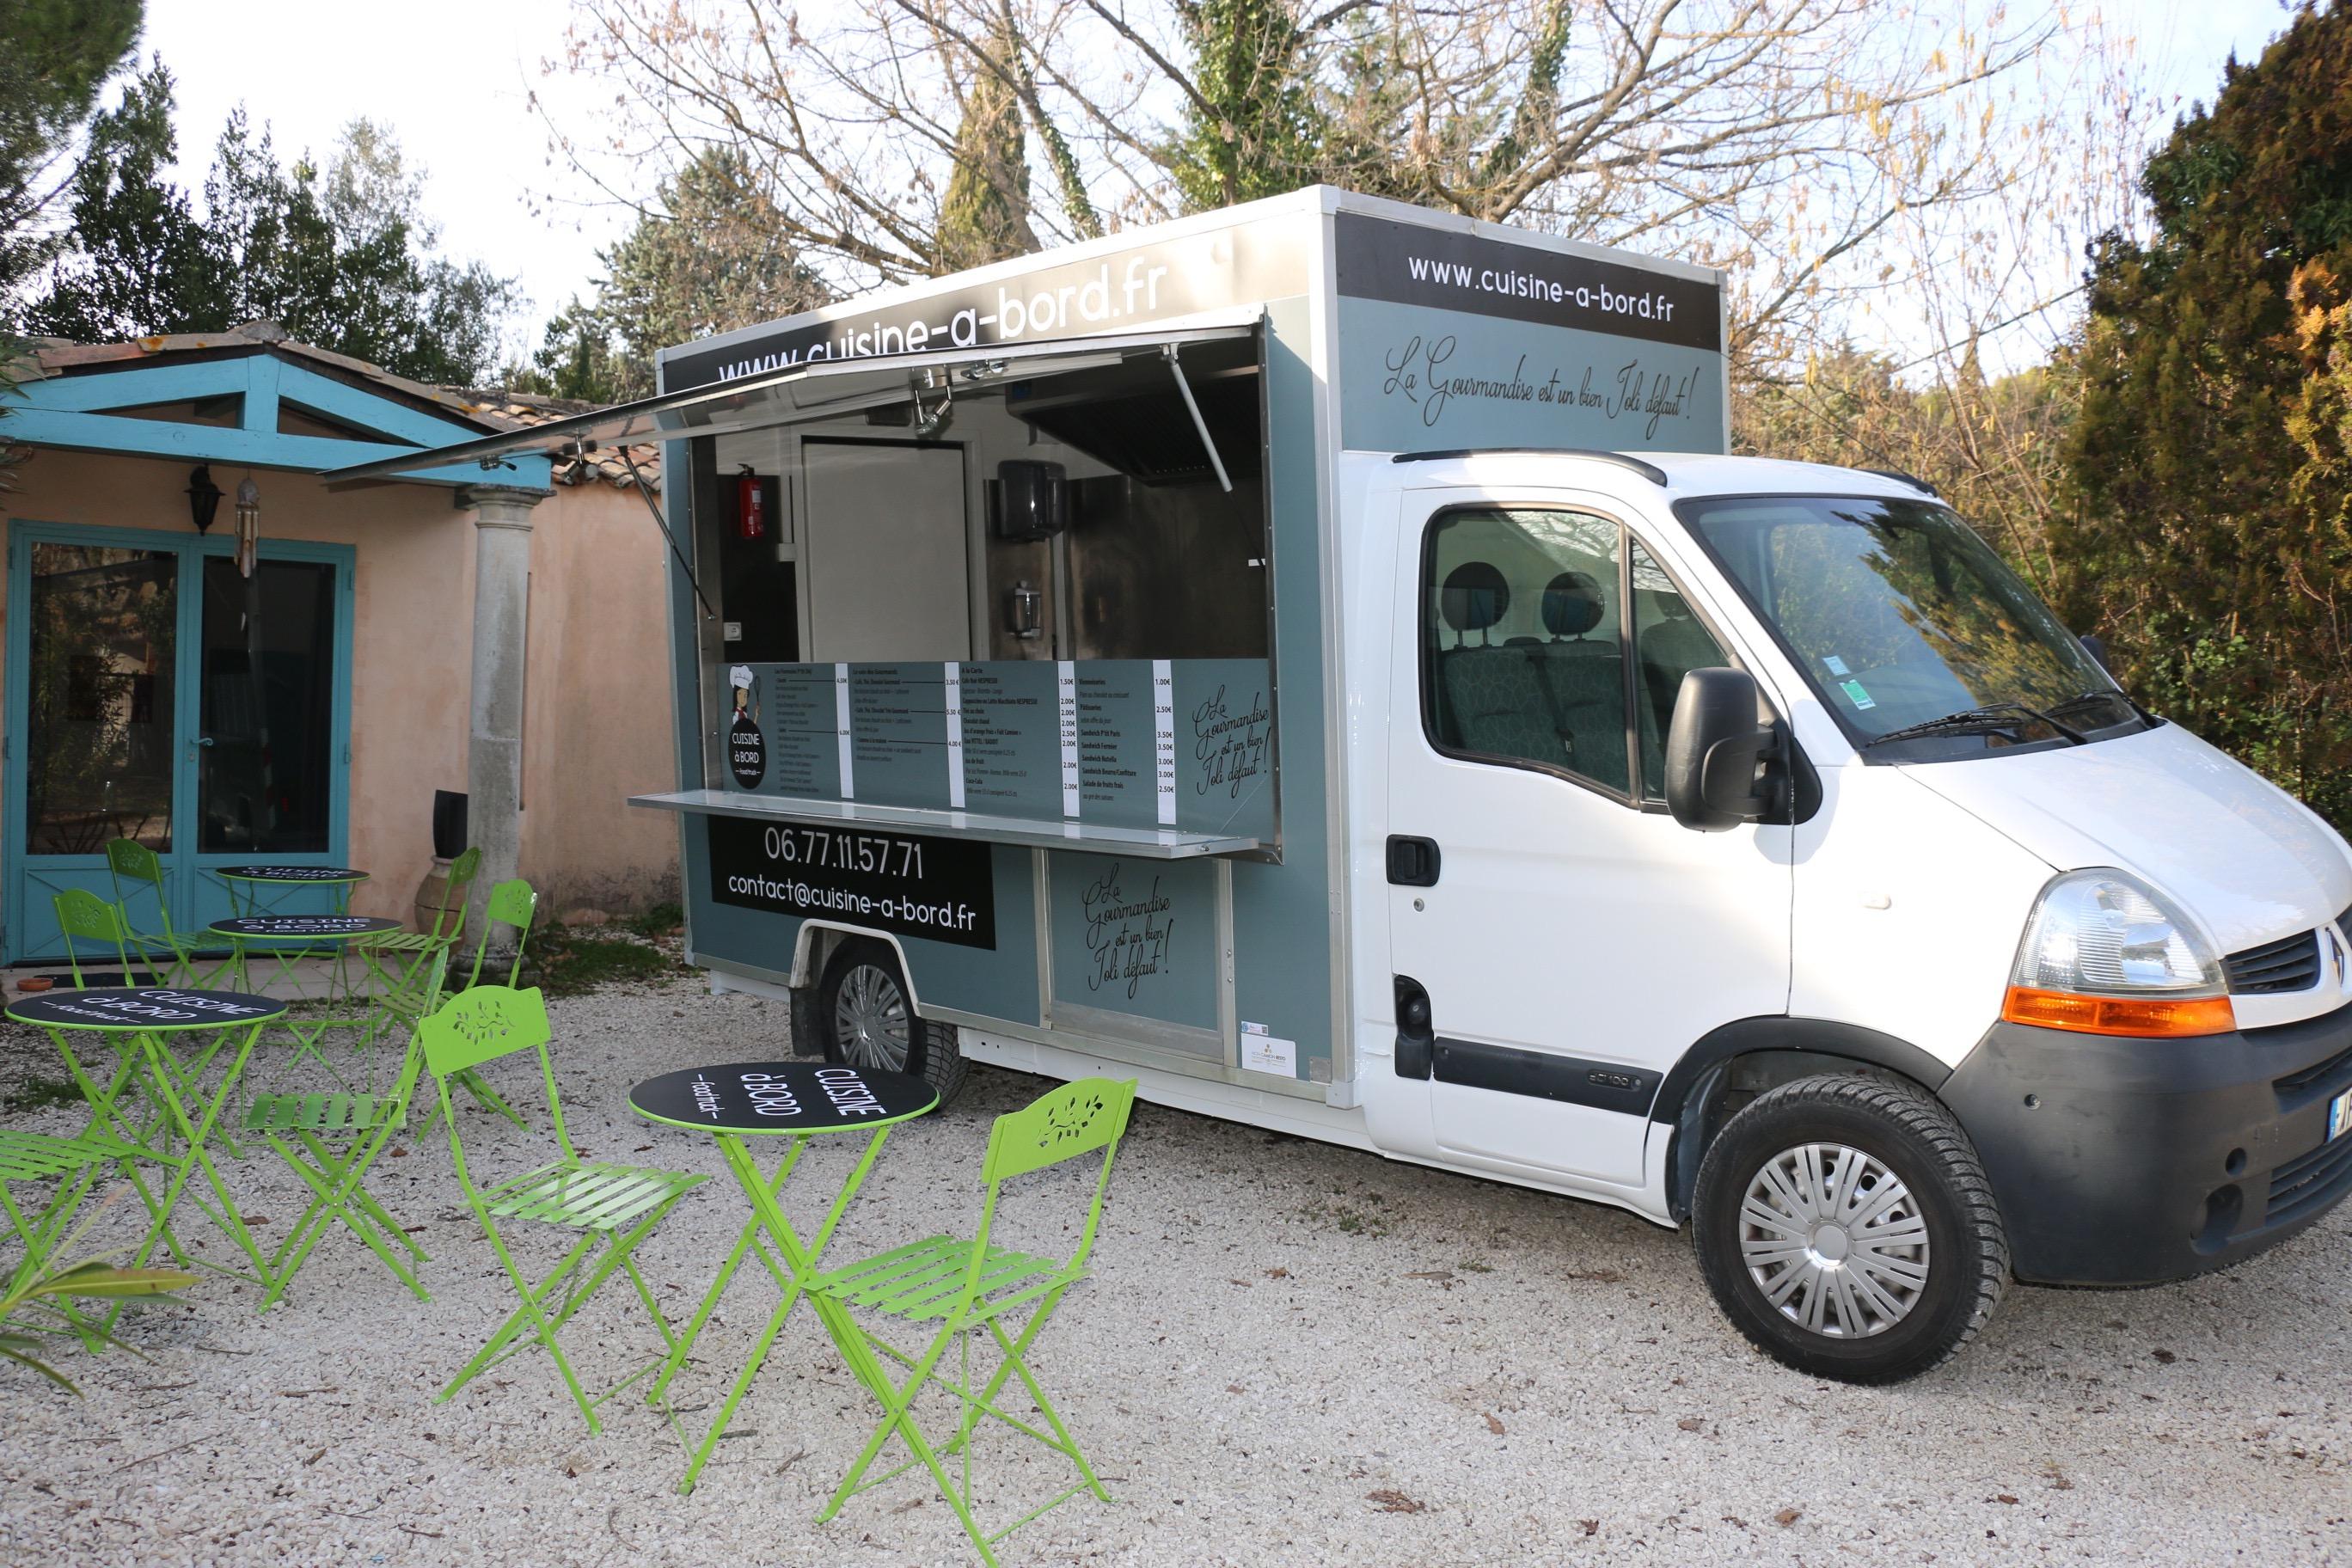 cuisine a bord food truck